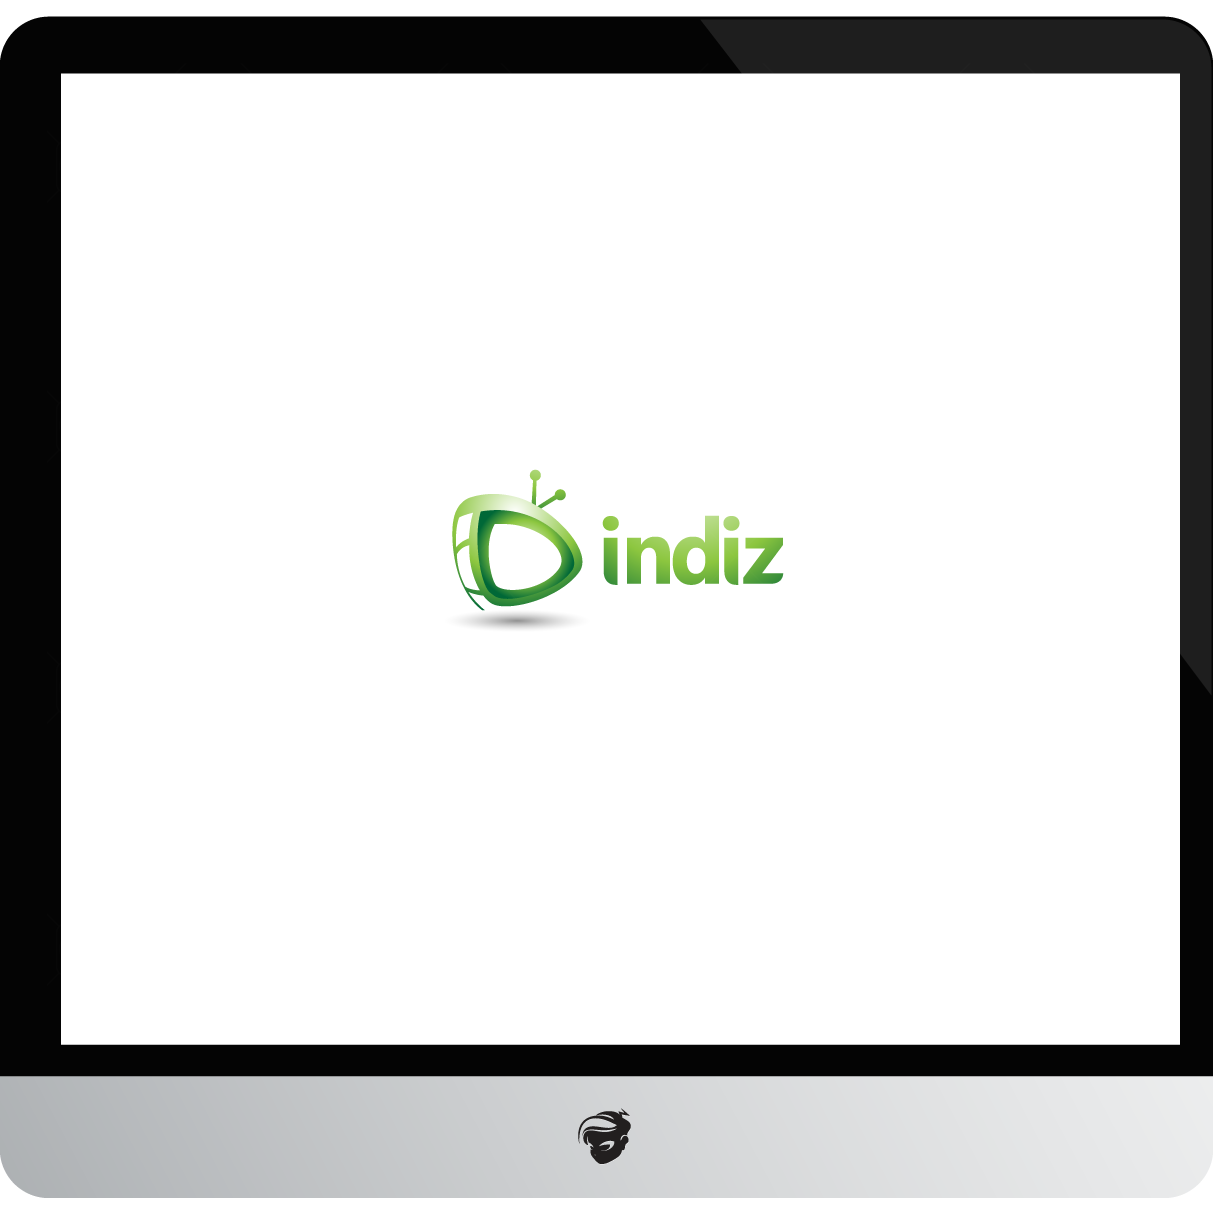 Logo Design by zesthar - Entry No. 294 in the Logo Design Contest Fun Logo Design for Indiz.